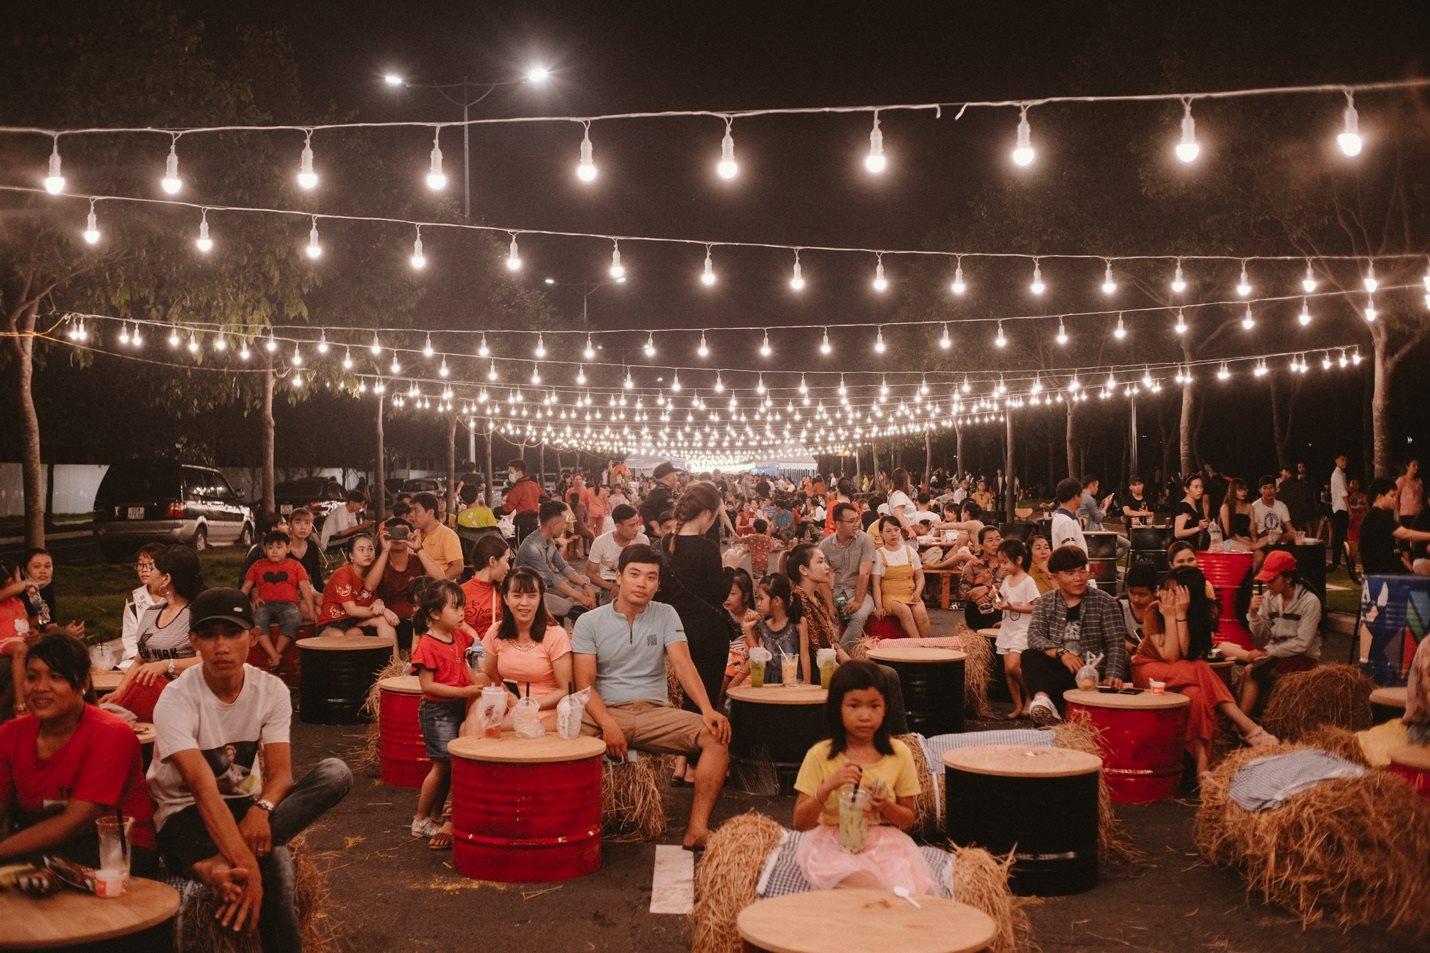 Trên 30 nghìn lượt khách hàng đã đi vào với khu đa chức năng Chợ đêm Swanbay